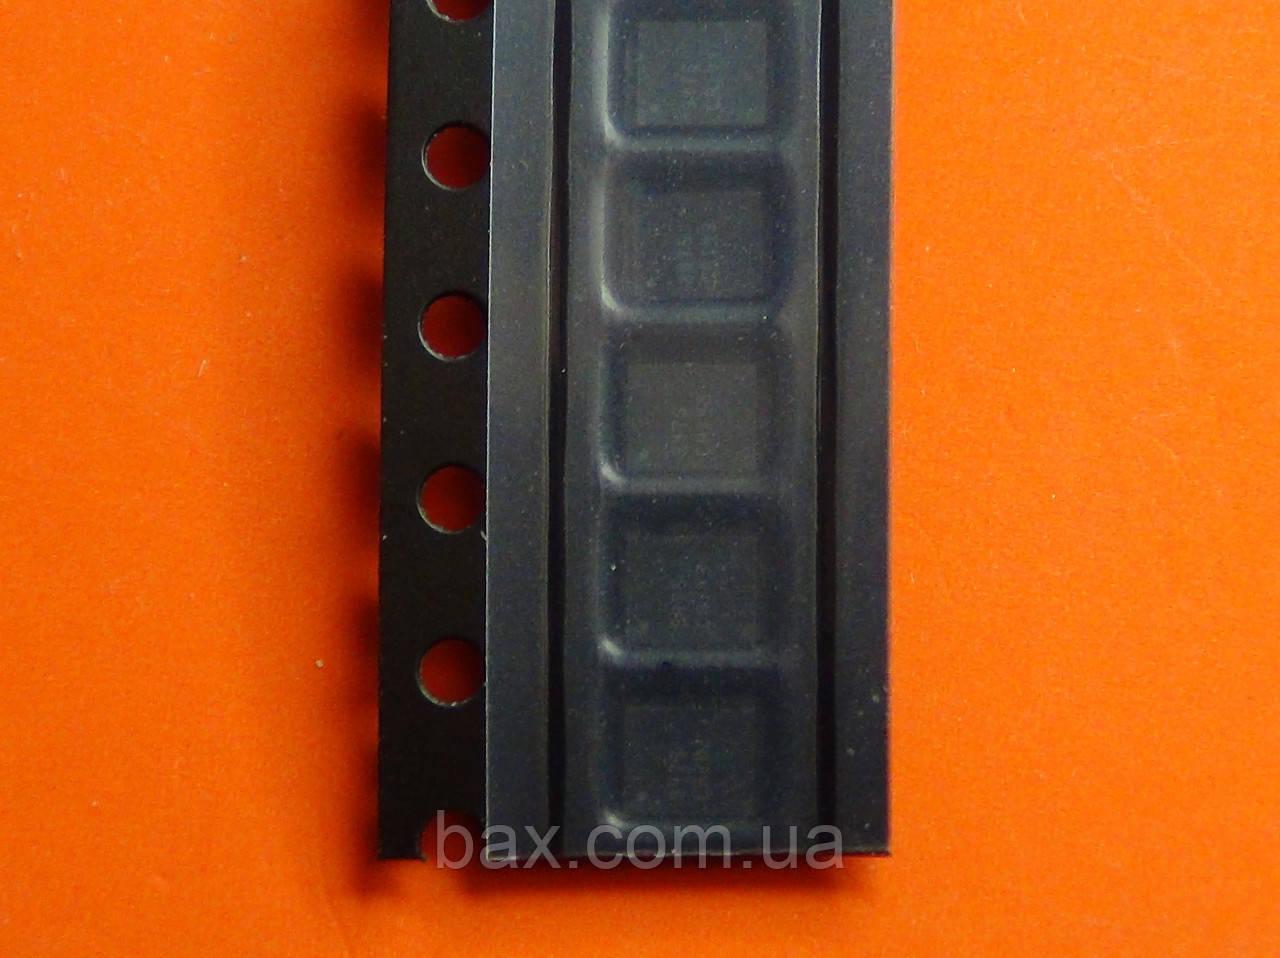 Микросхема контроллер питания S2MU004X-C для Samsung Новый в упаковке